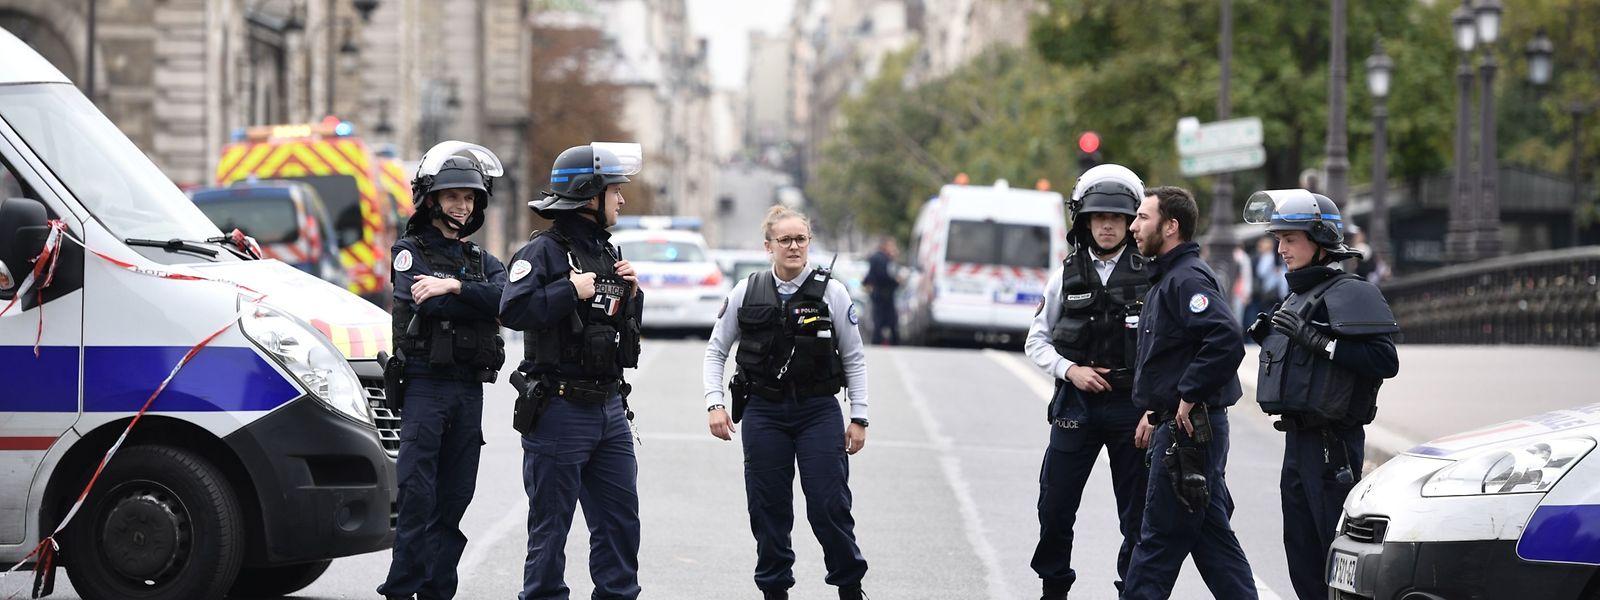 Die Umgebung der Polizeipräfektur von Paris wurde nach der Attacke abgeriegelt.